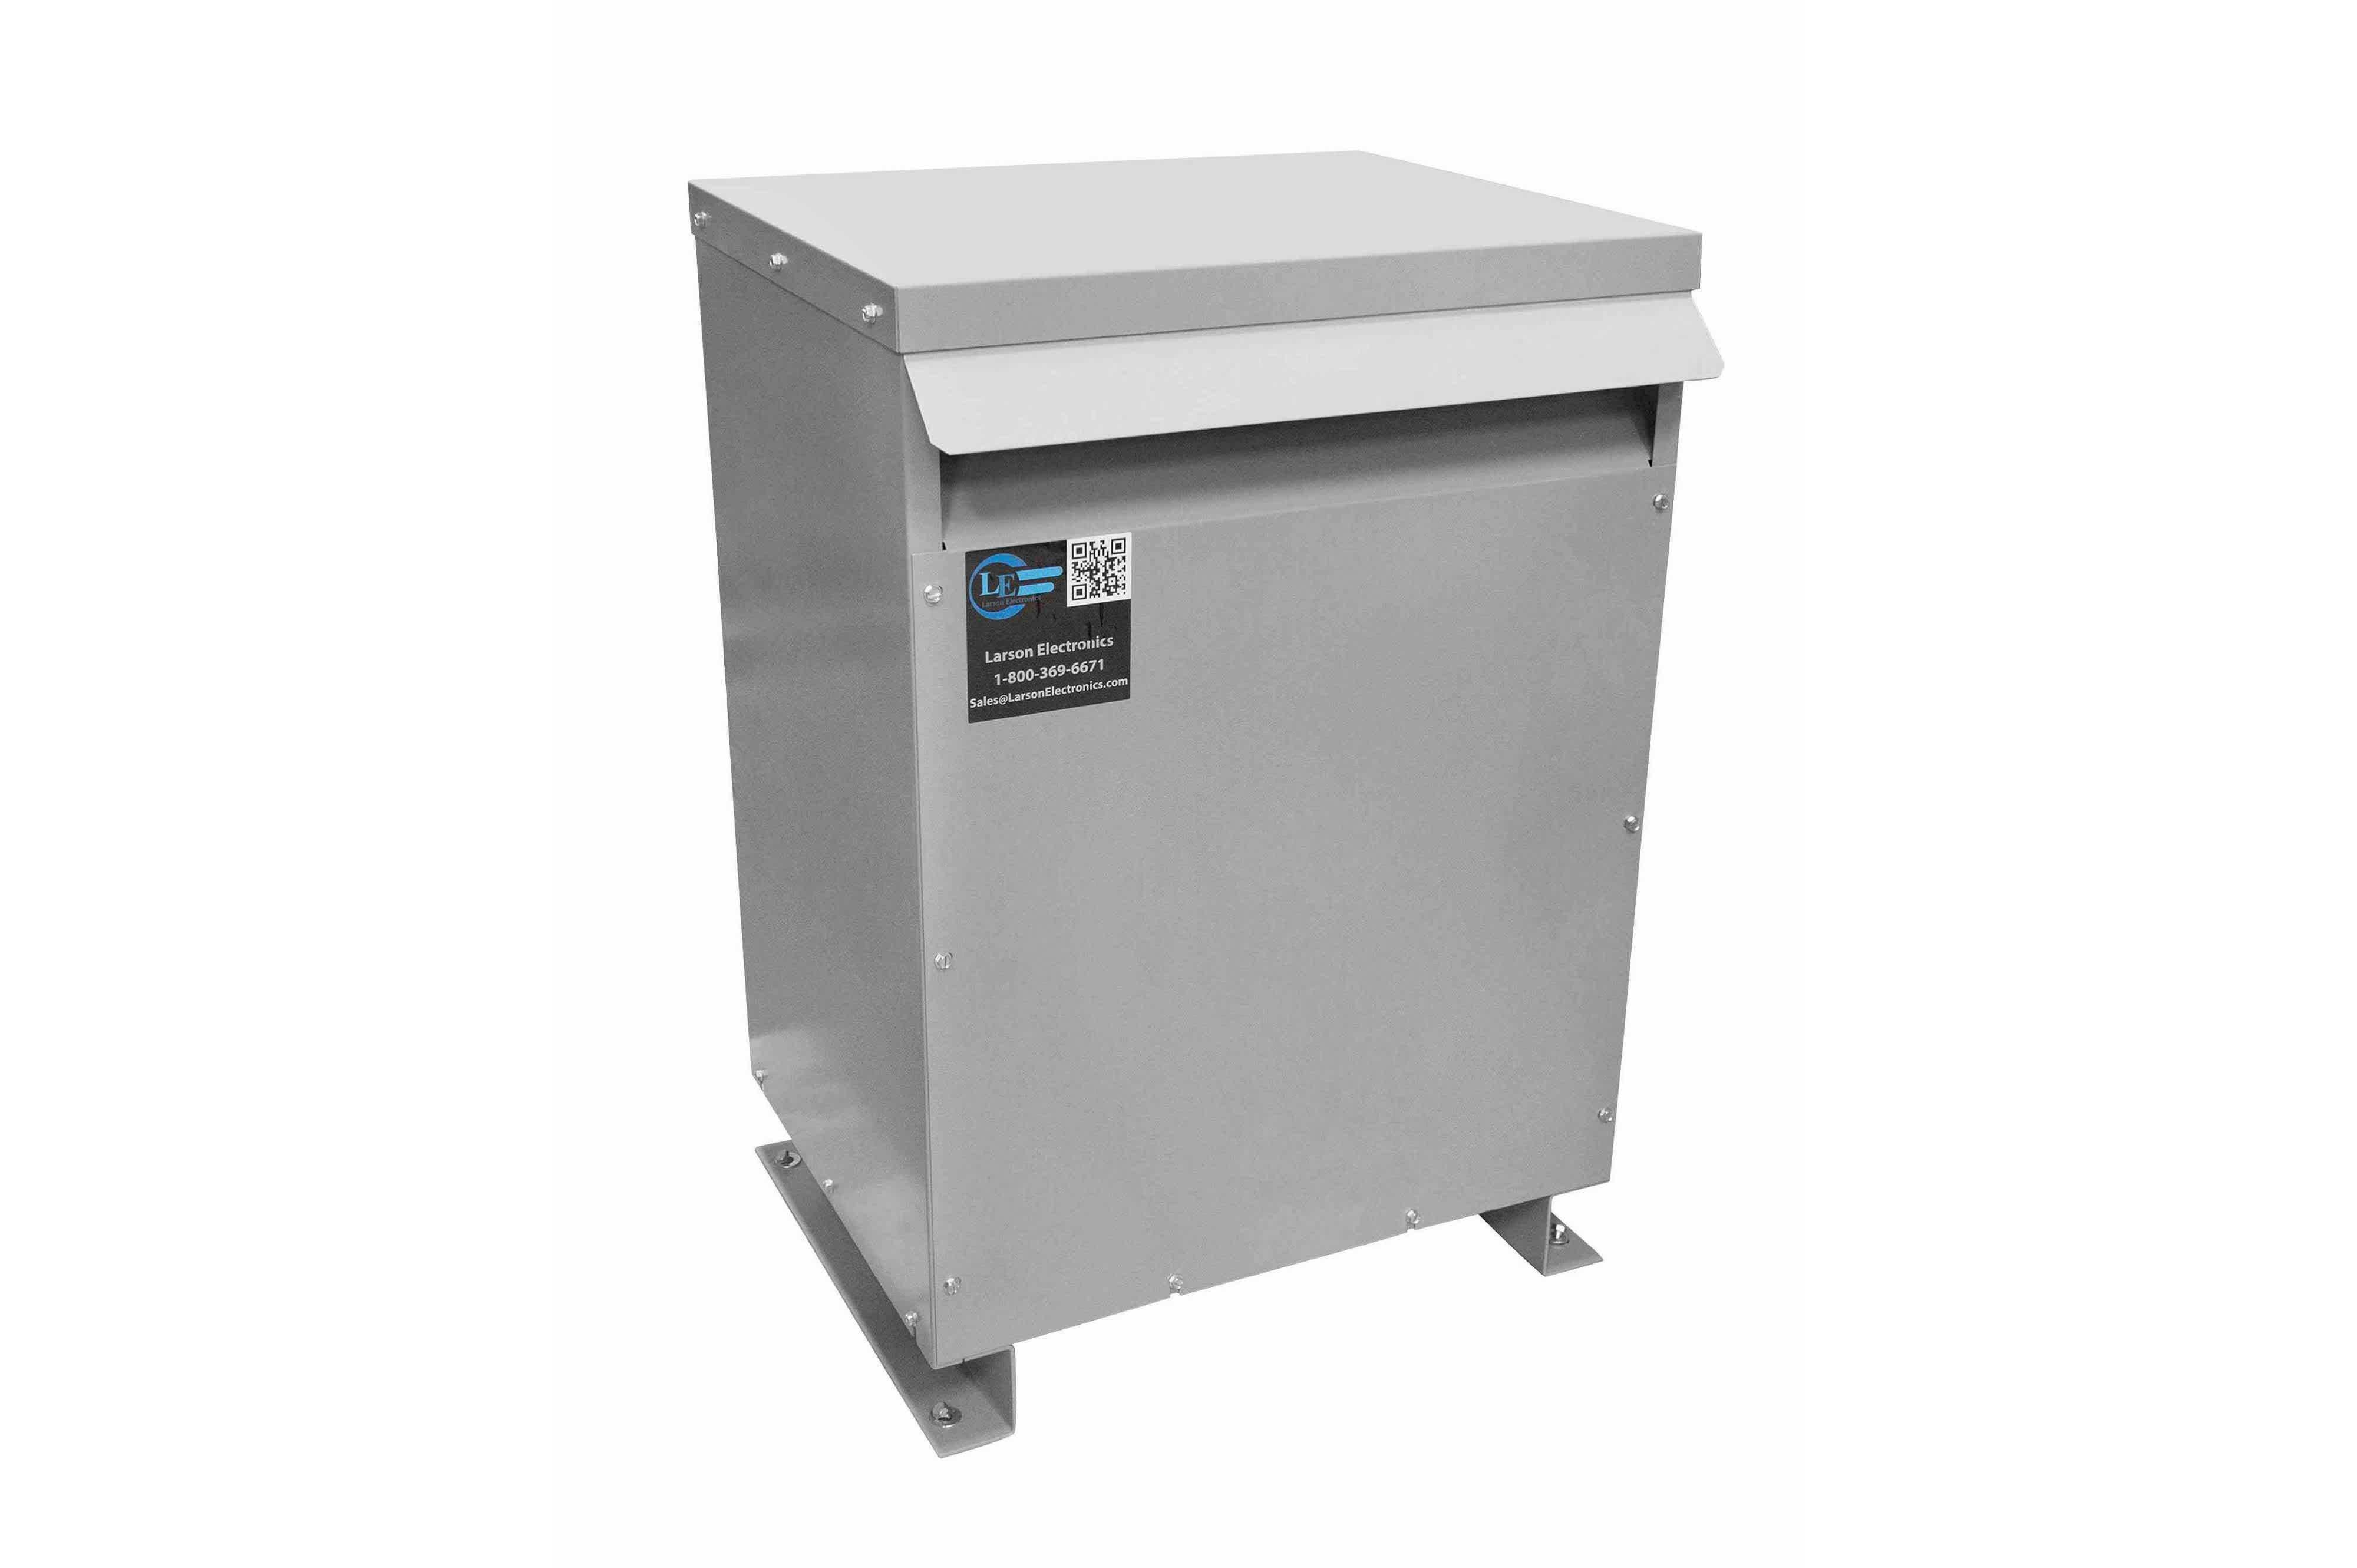 175 kVA 3PH Isolation Transformer, 415V Delta Primary, 480V Delta Secondary, N3R, Ventilated, 60 Hz